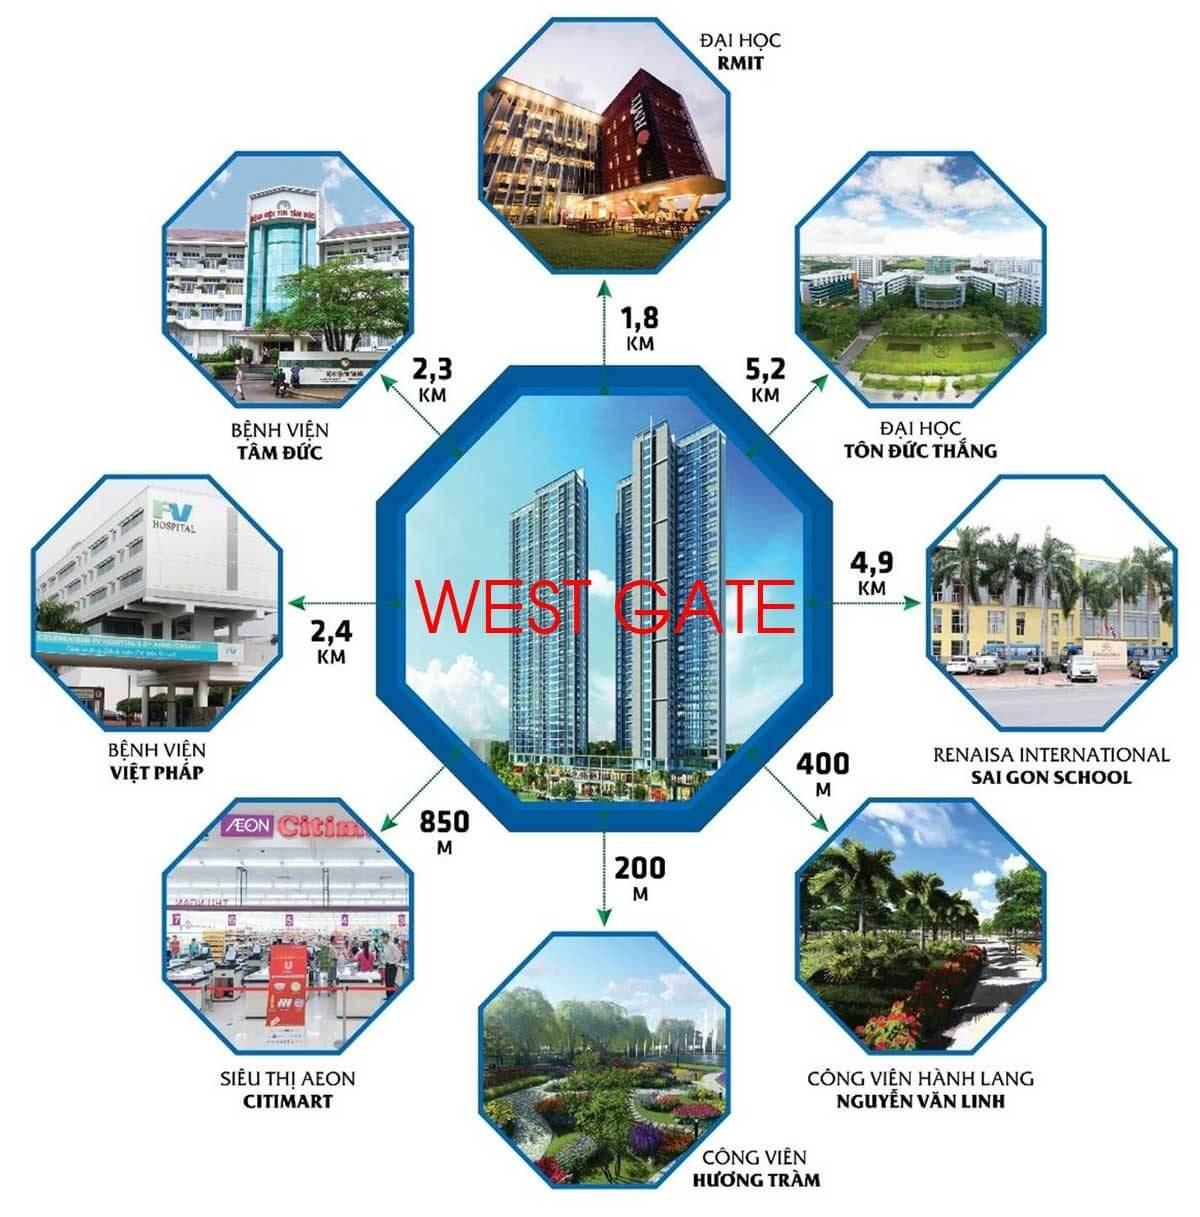 Tiện ích ngoại khu dự án Westgate